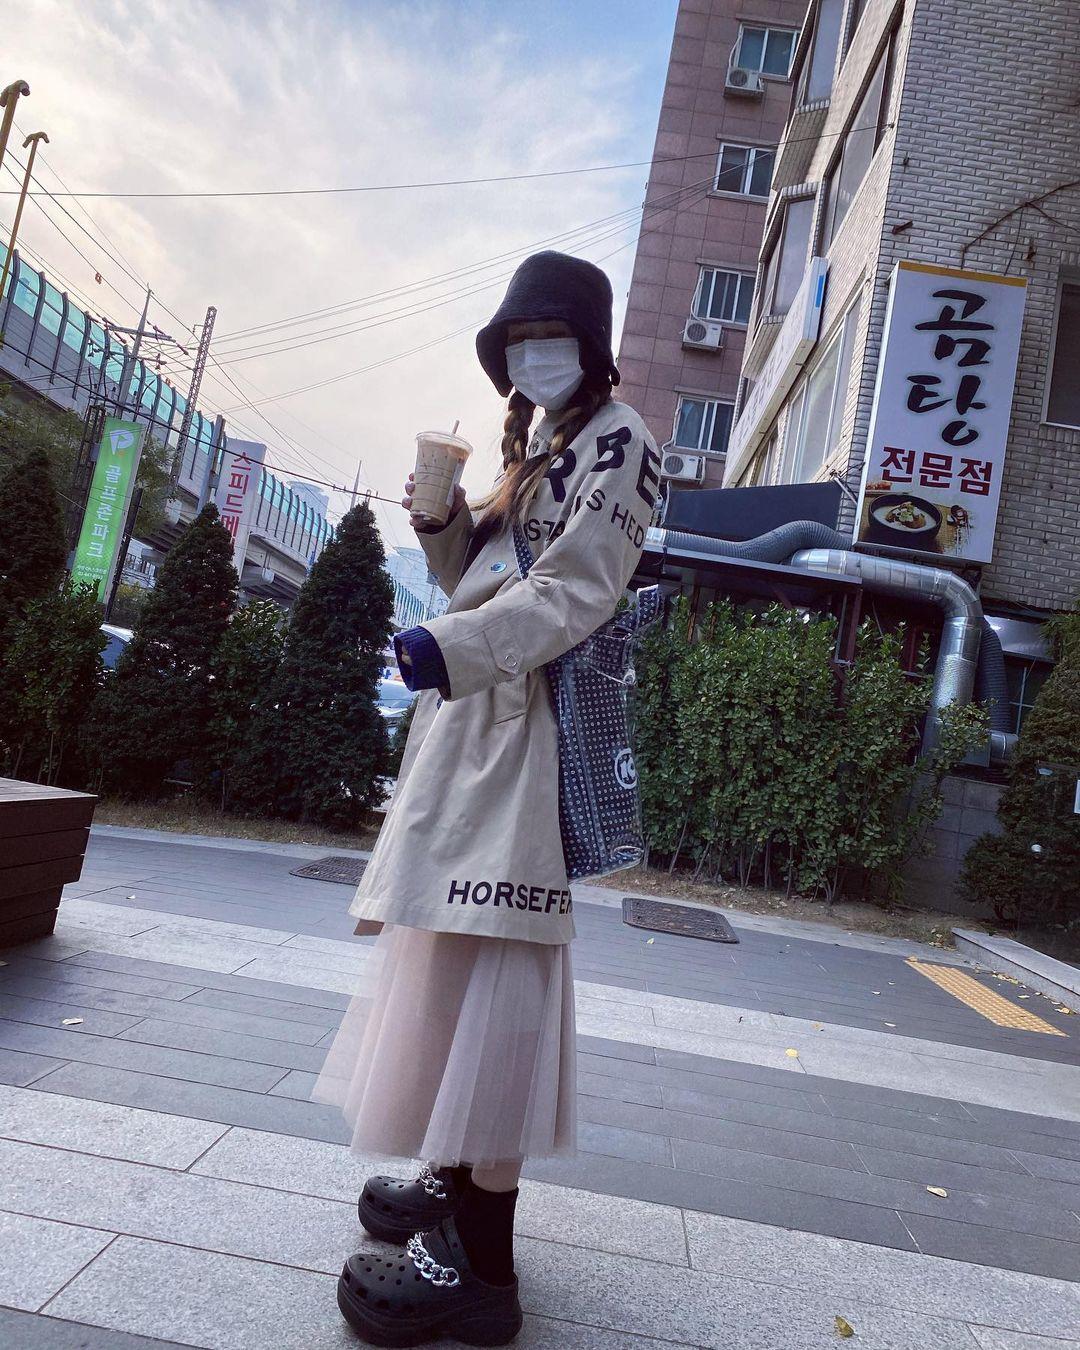 Bất chấp việc ăn mặc luộm thuộm, thùng thình sẽ giấu tiệt đường cong và khiến thân hình thấp bé hơn, mỹ nhân Hàn vẫn ứng dụng đủ kiểu phối phá cách rất tích cực.